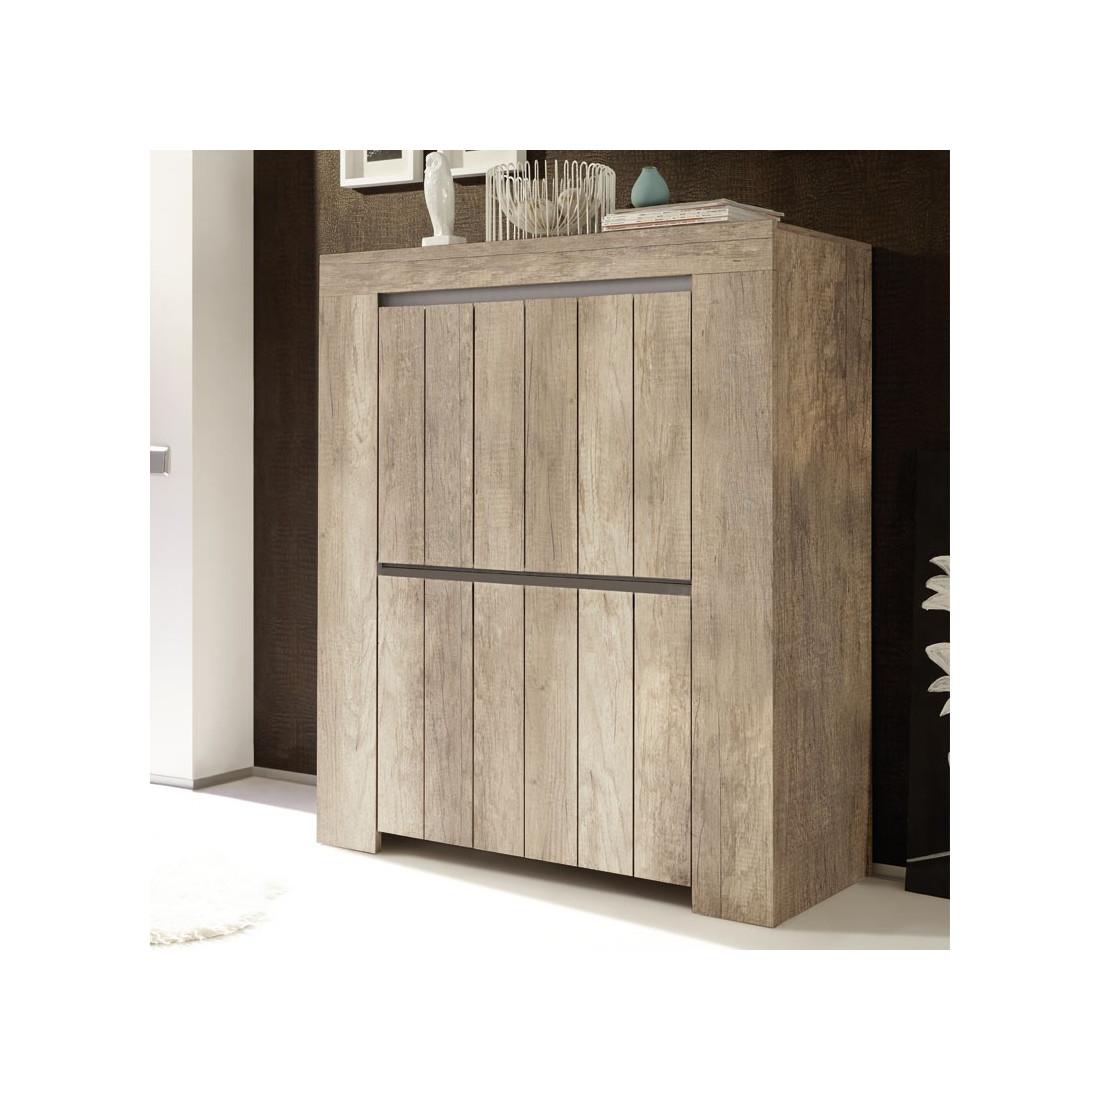 vaisselier ch ne moyen 4 portes almati univers de la salle manger. Black Bedroom Furniture Sets. Home Design Ideas